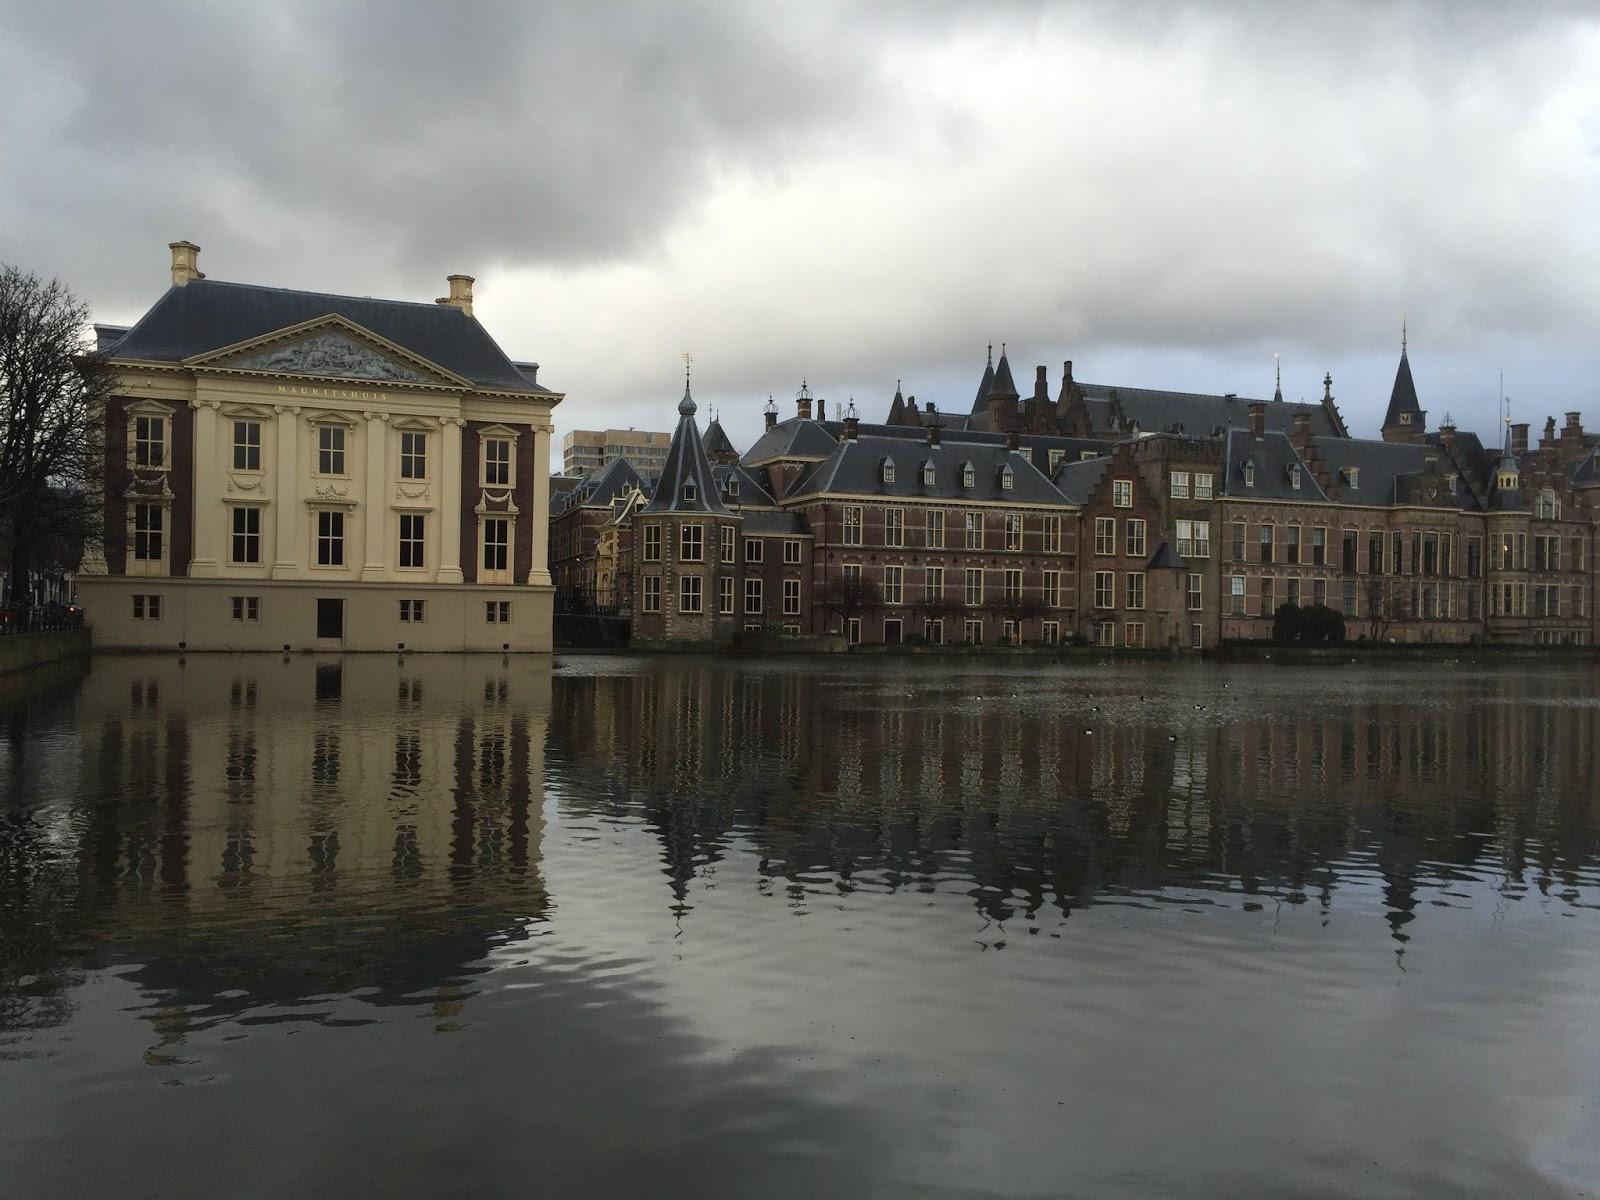 Holandia Haga